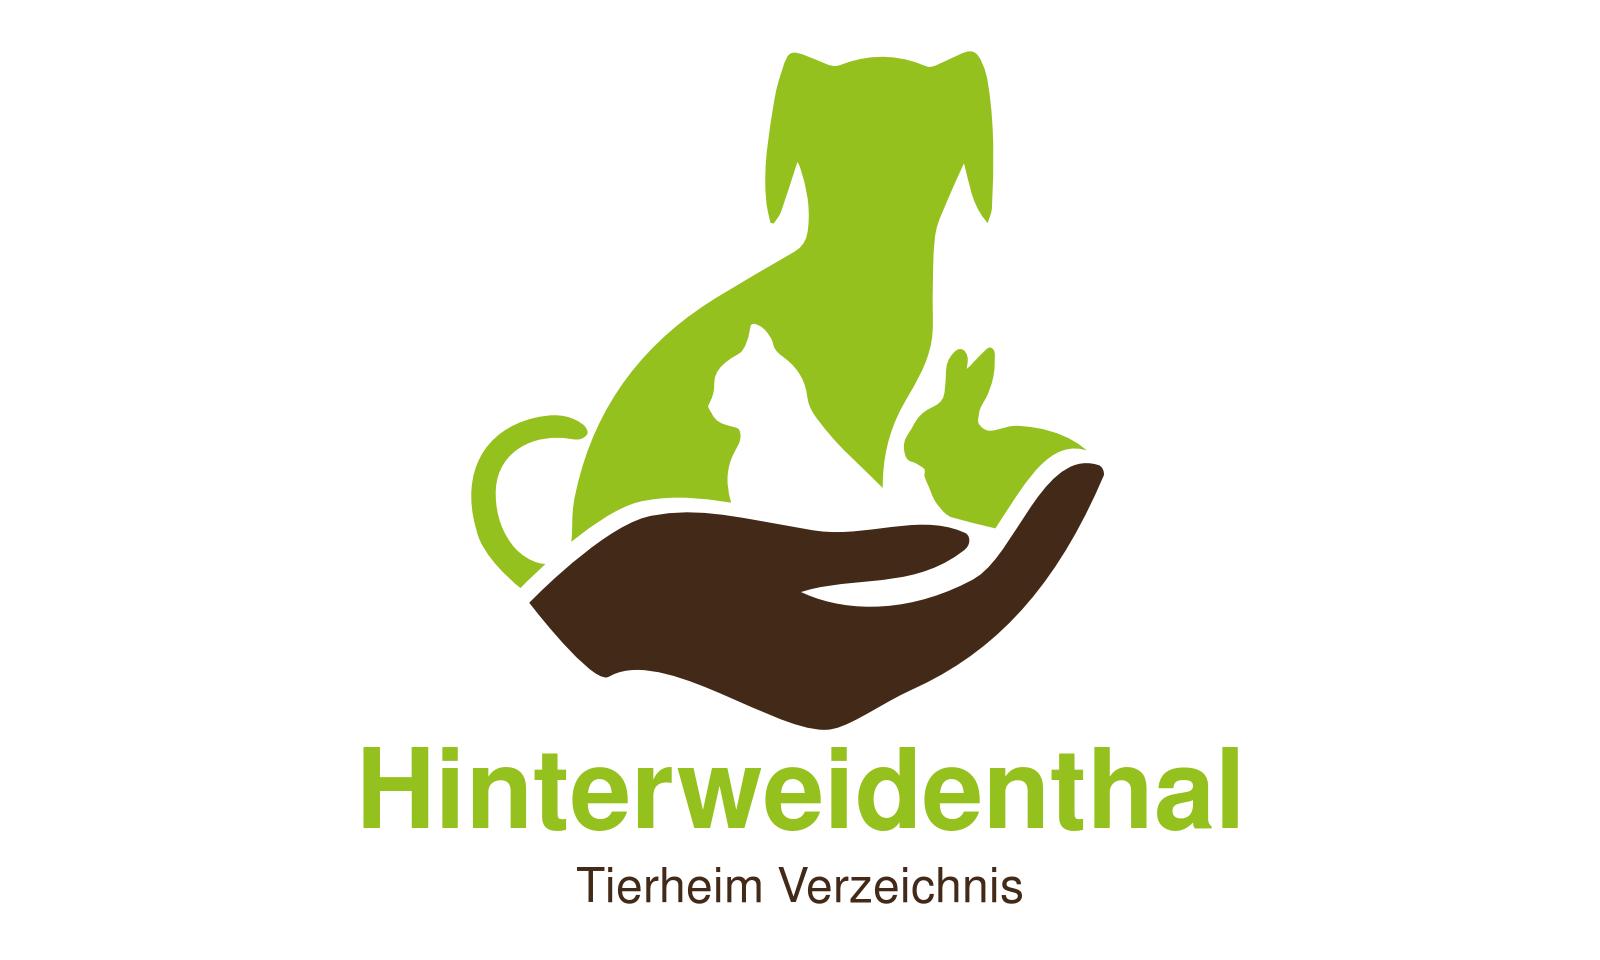 Tierheim Hinterweidenthal